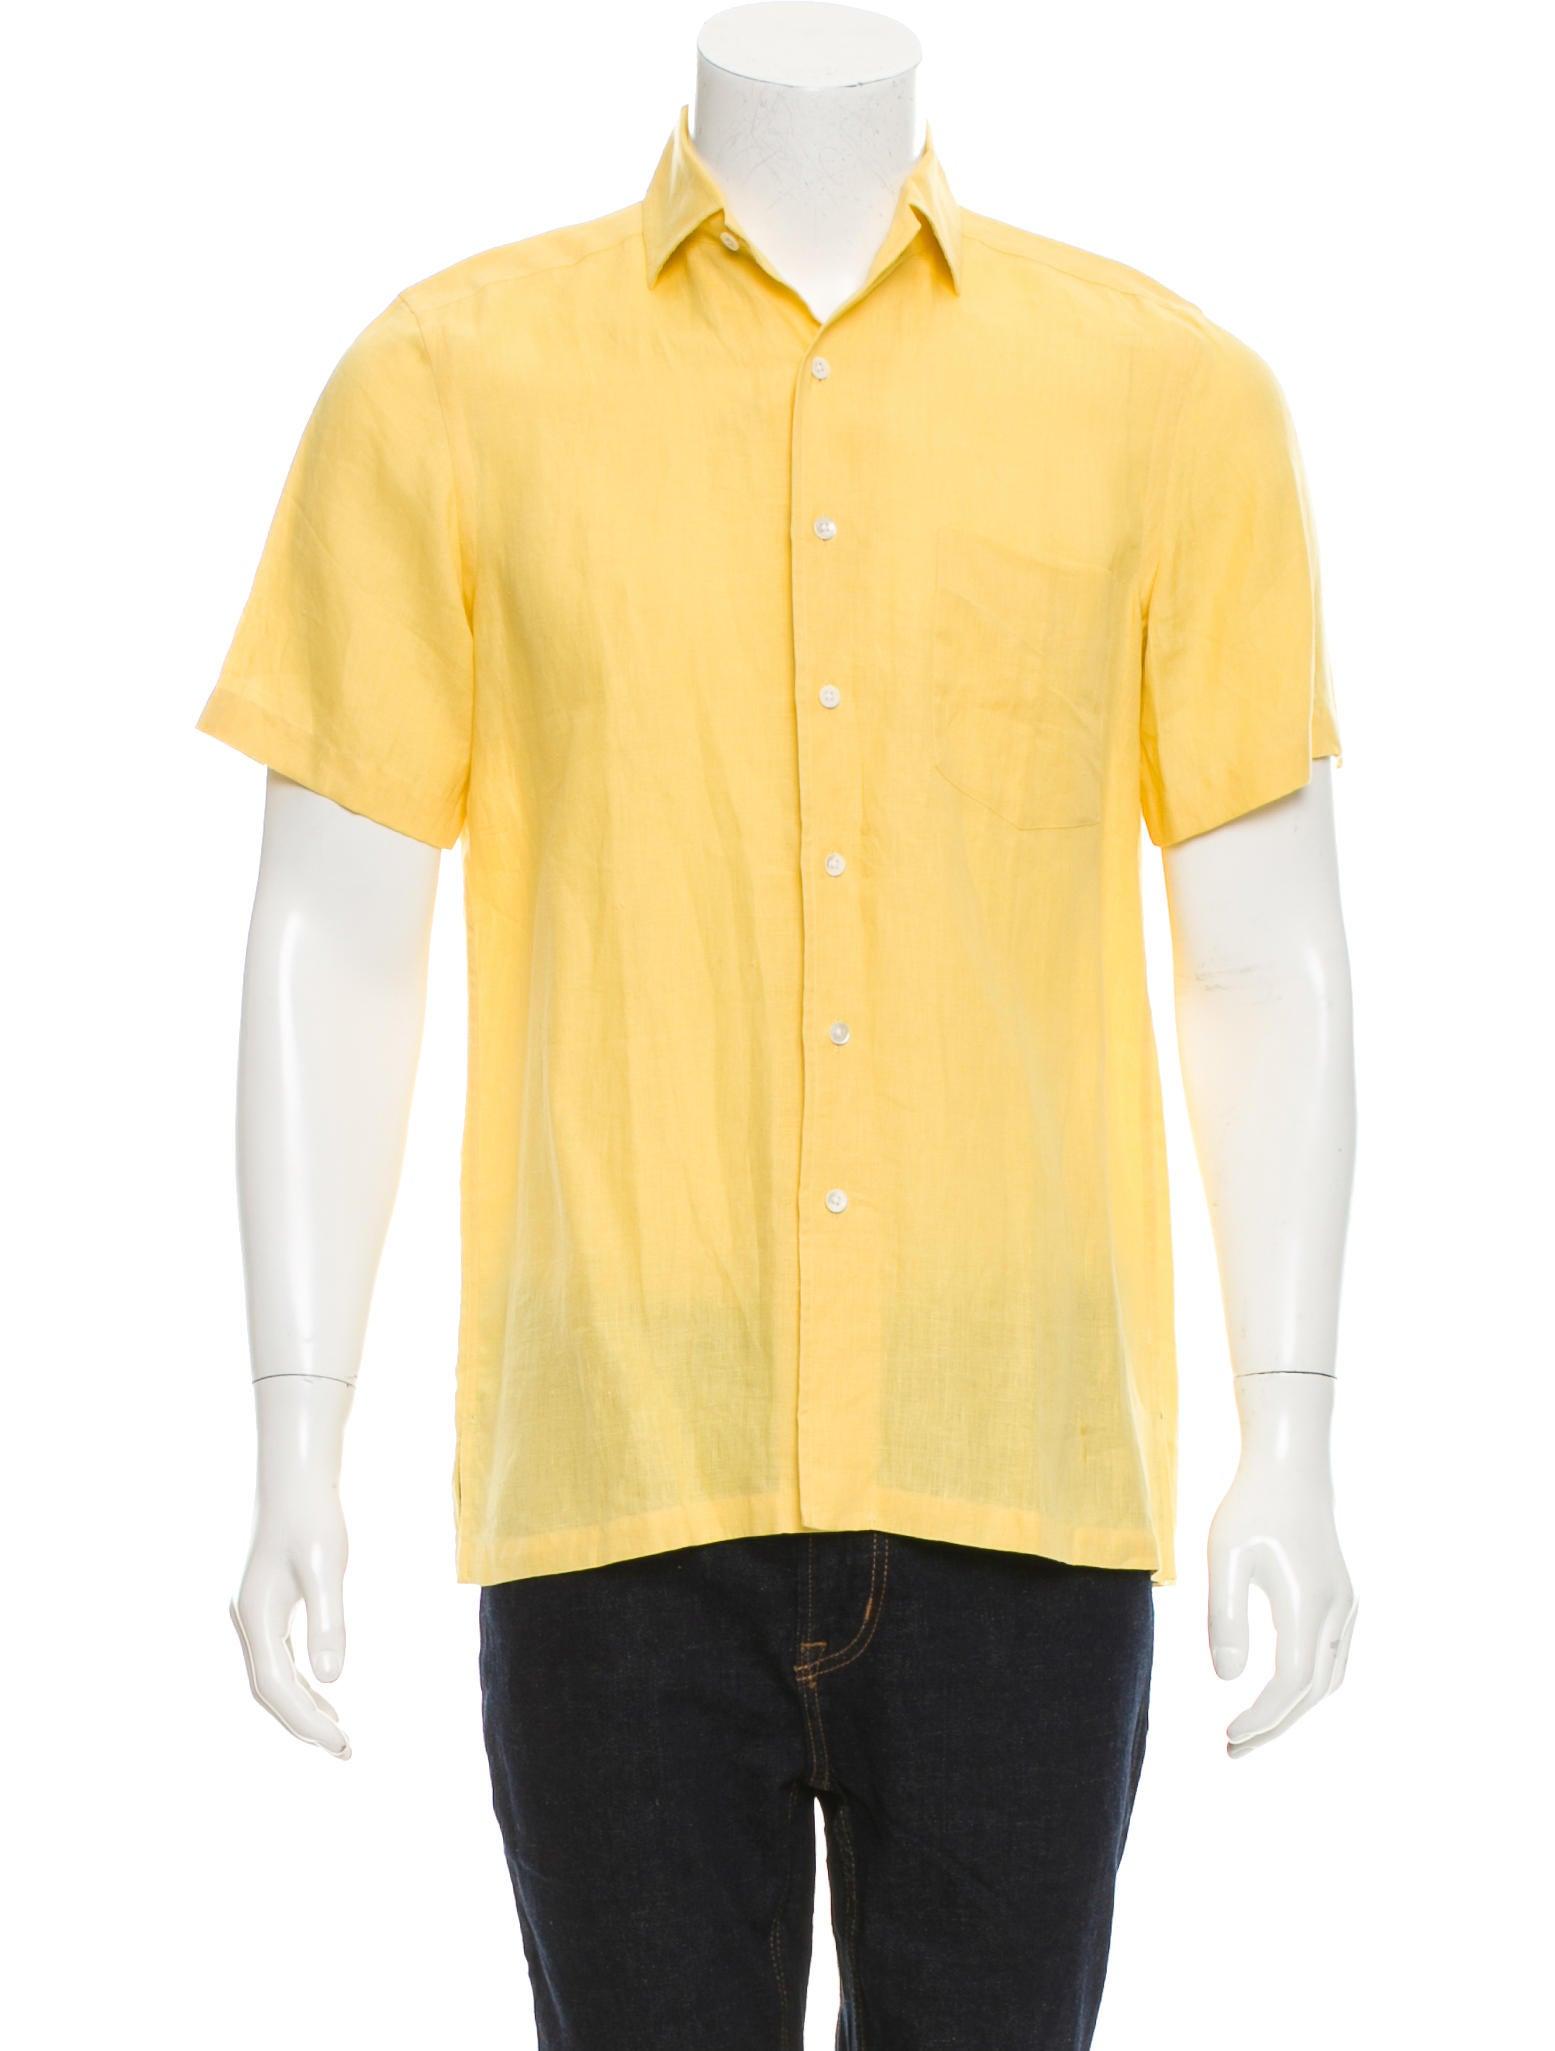 Ralph lauren purple label short sleeve linen shirt for Short sleeve linen shirt